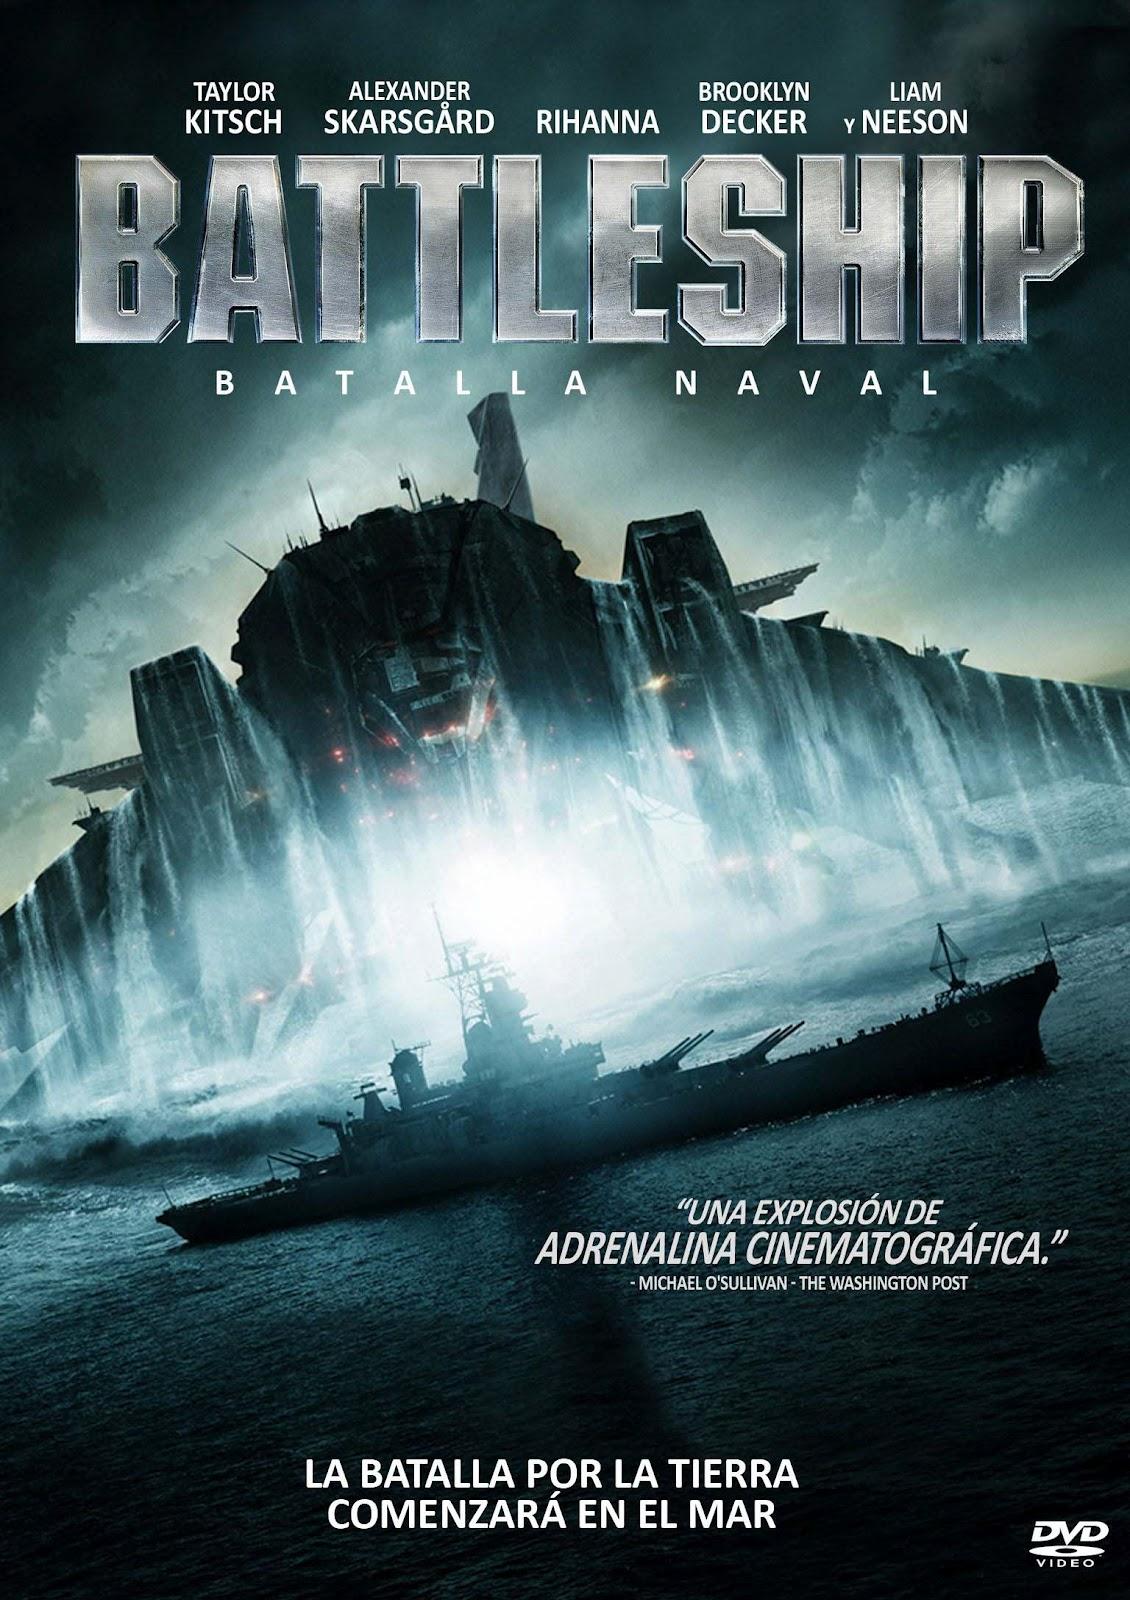 http://4.bp.blogspot.com/-g5fPC_cFhwE/UB2RYdvnM6I/AAAAAAAABgQ/XjrD2g1ChgQ/s1600/Battleship.jpg